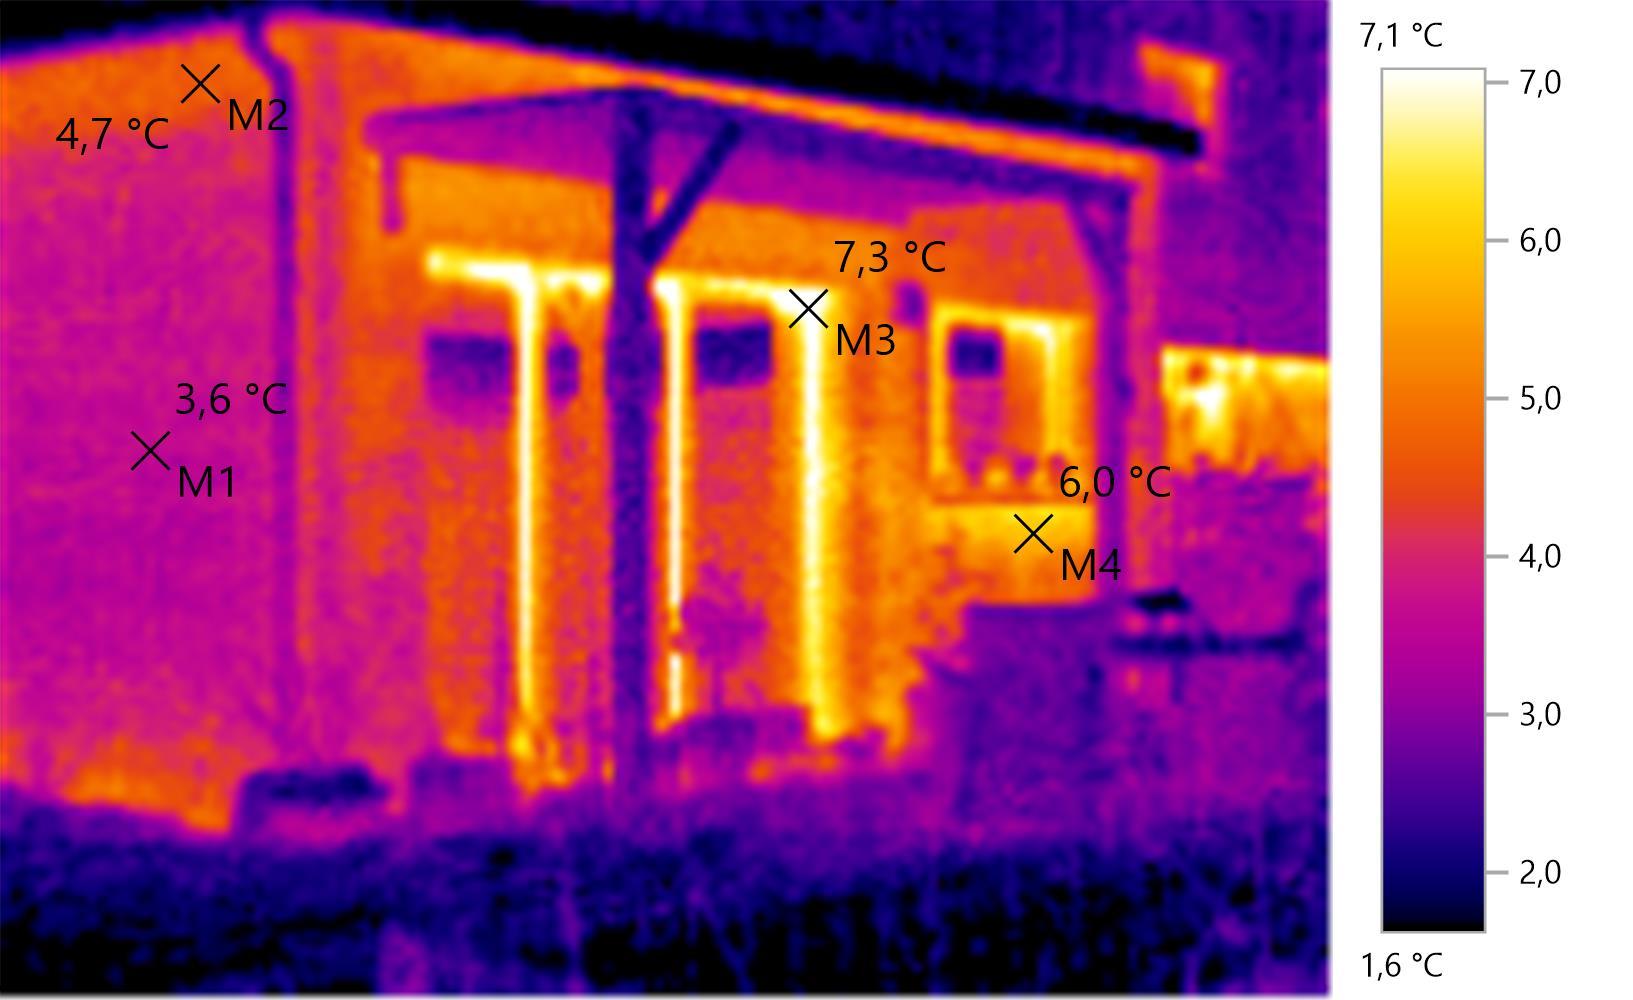 test de la cam ra thermique testo 875 notre maison rt2012 par trecobat. Black Bedroom Furniture Sets. Home Design Ideas